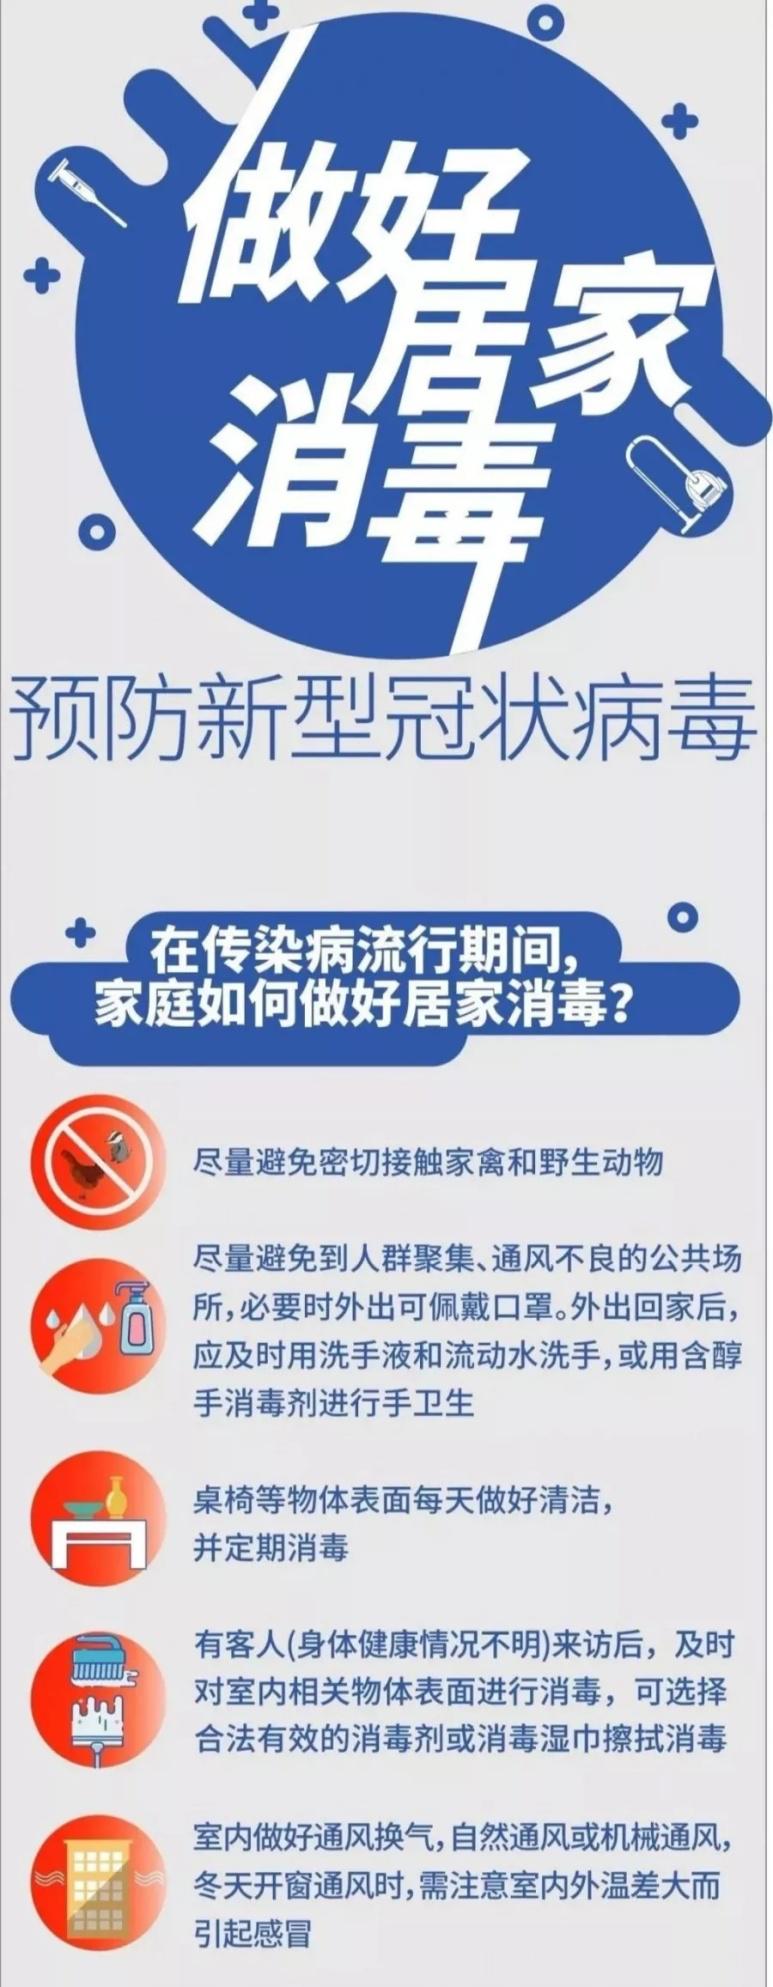 居家除菌消毒——预防新冠病毒的关键!(图)_3